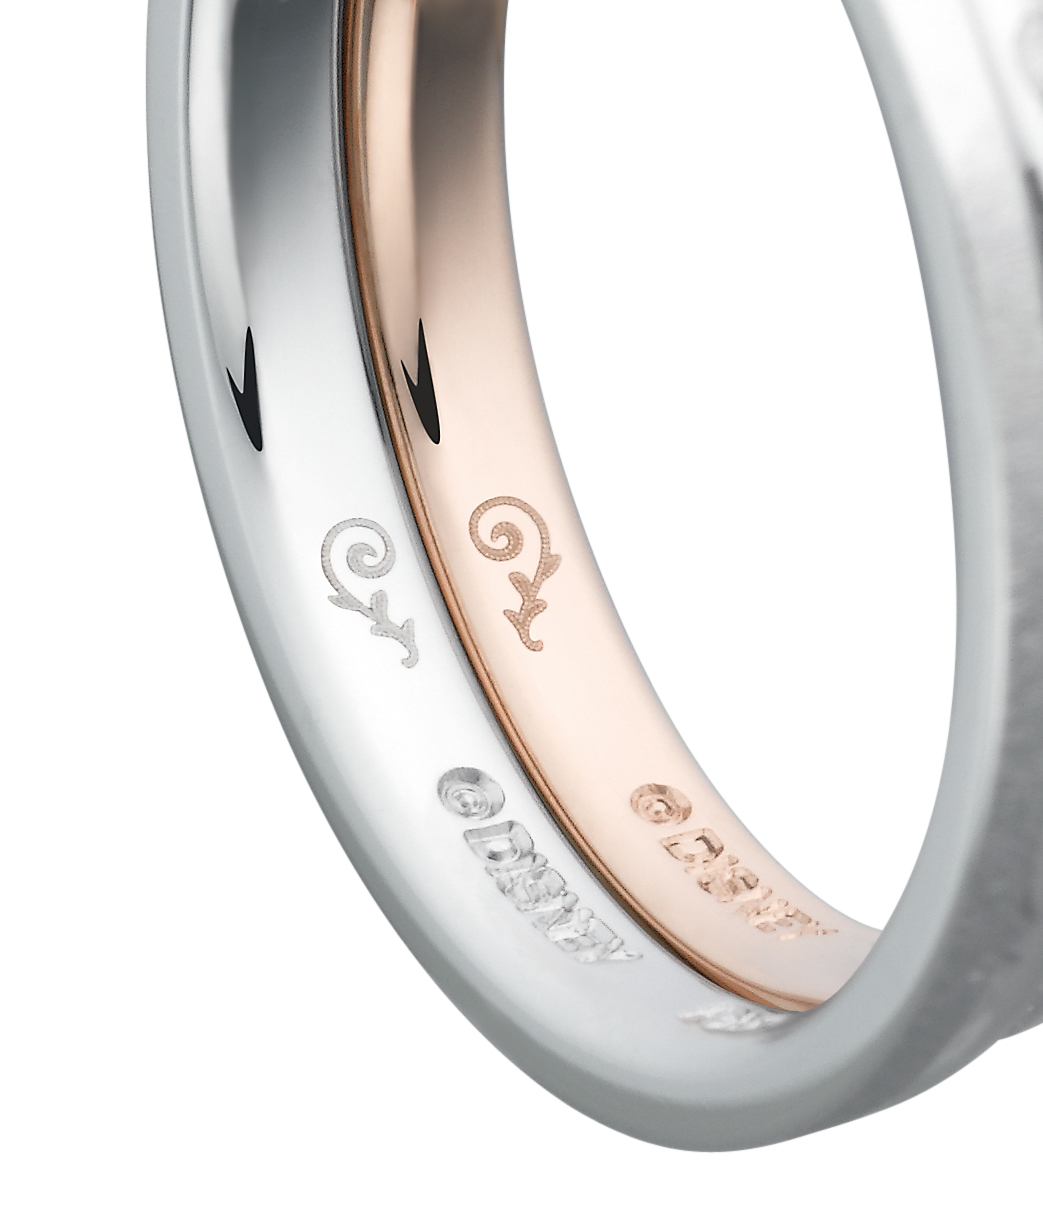 銀座・柏・直方の結婚指輪2020年モデル【新作】Disney Princess(ディズニープリンセス)_02